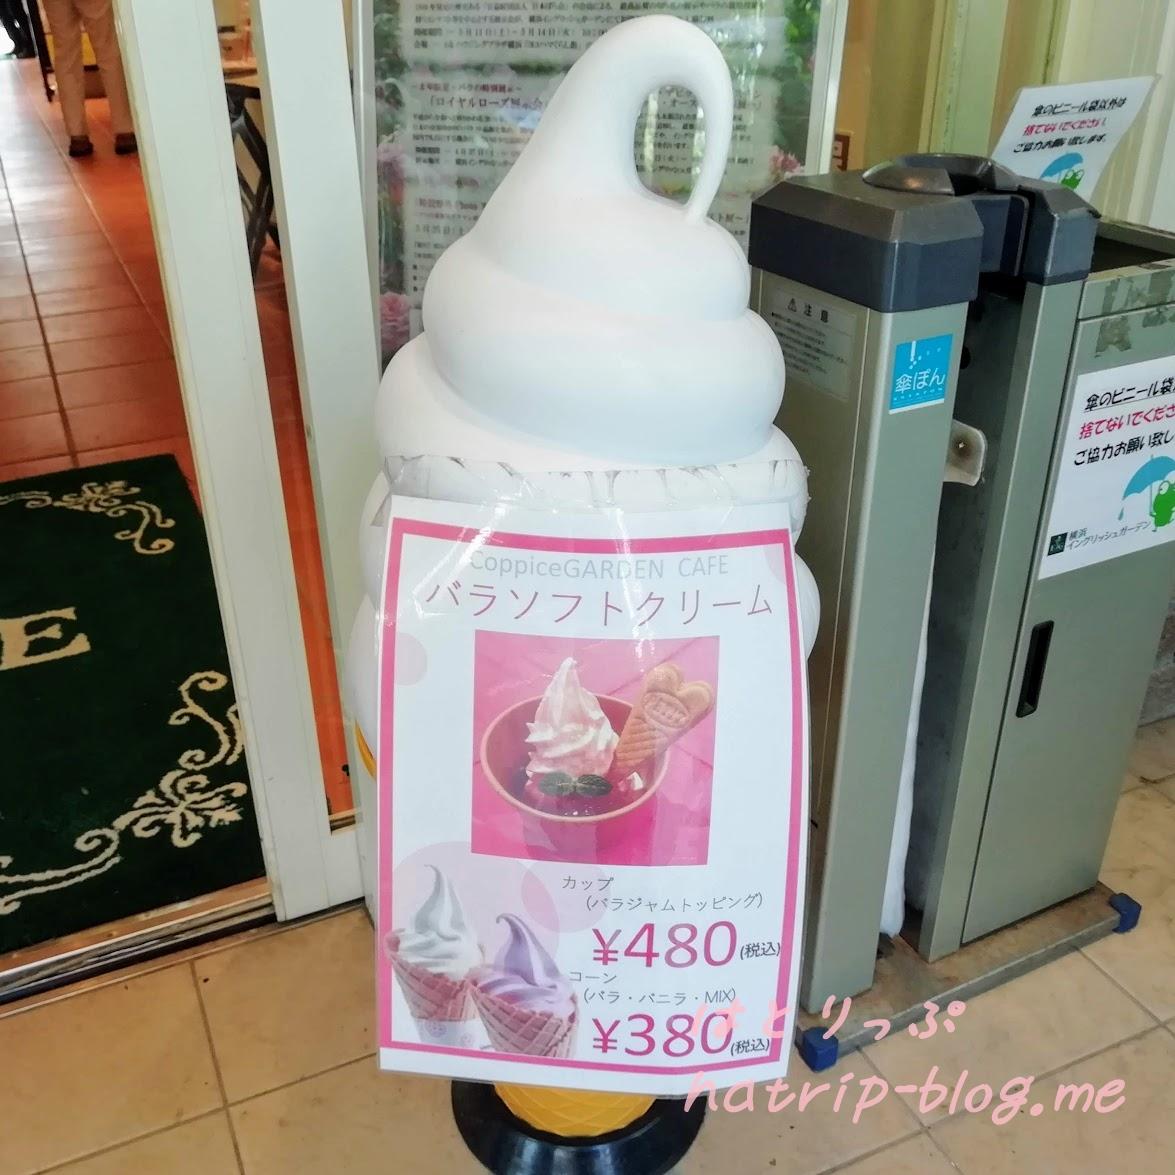 横浜イングリッシュガーデン コピスガーデンカフェ バラソフトクリーム